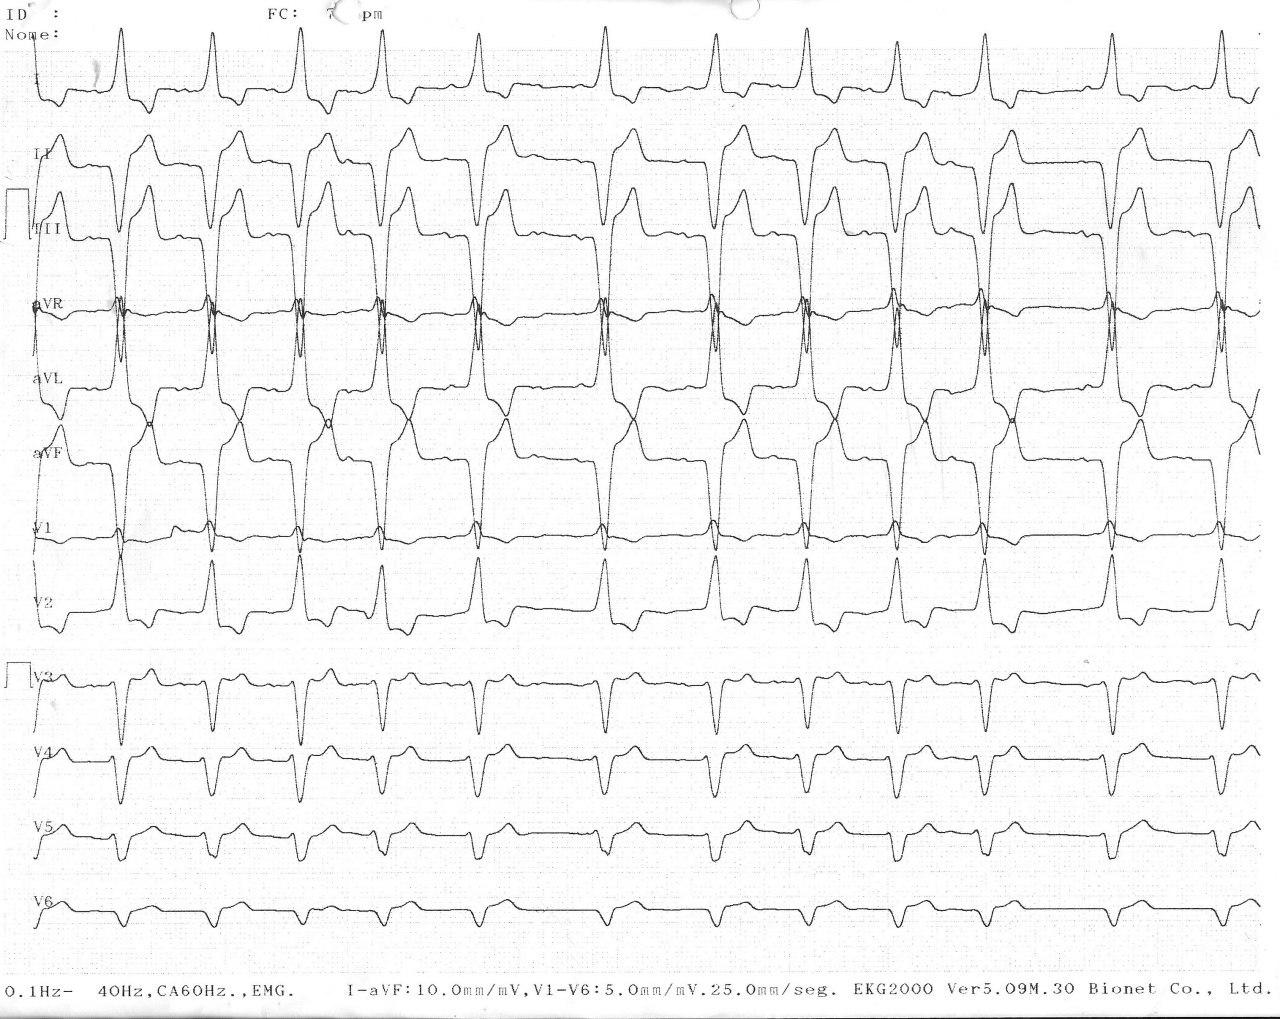 Mujer de 83 años portadora de marcapasos bicameral que presenta ECG con patrón de BRD en precordiales y BRI en derivaciones periféricas asociada a cardiopatía estructural severa de mal pronóstico